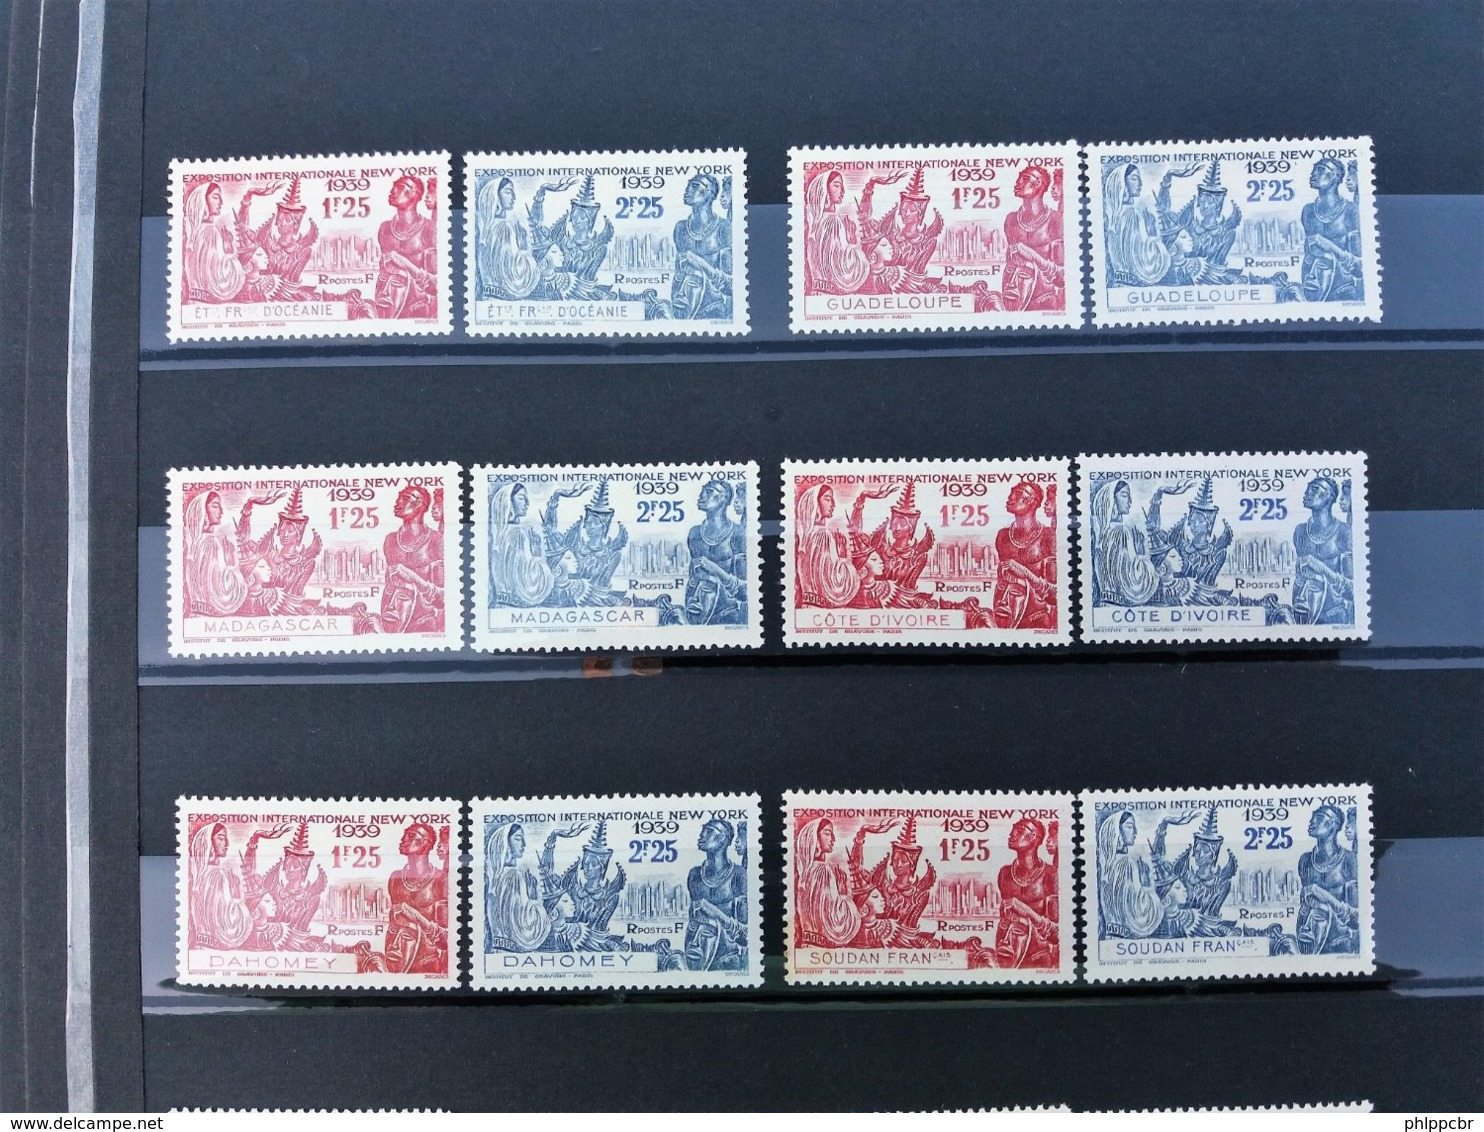 Importante Collection Colonies - Séries Coloniales - Grande Majorité ** - Plus De 2900 € De Cote Yvert - Frankreich (alte Kolonien Und Herrschaften)